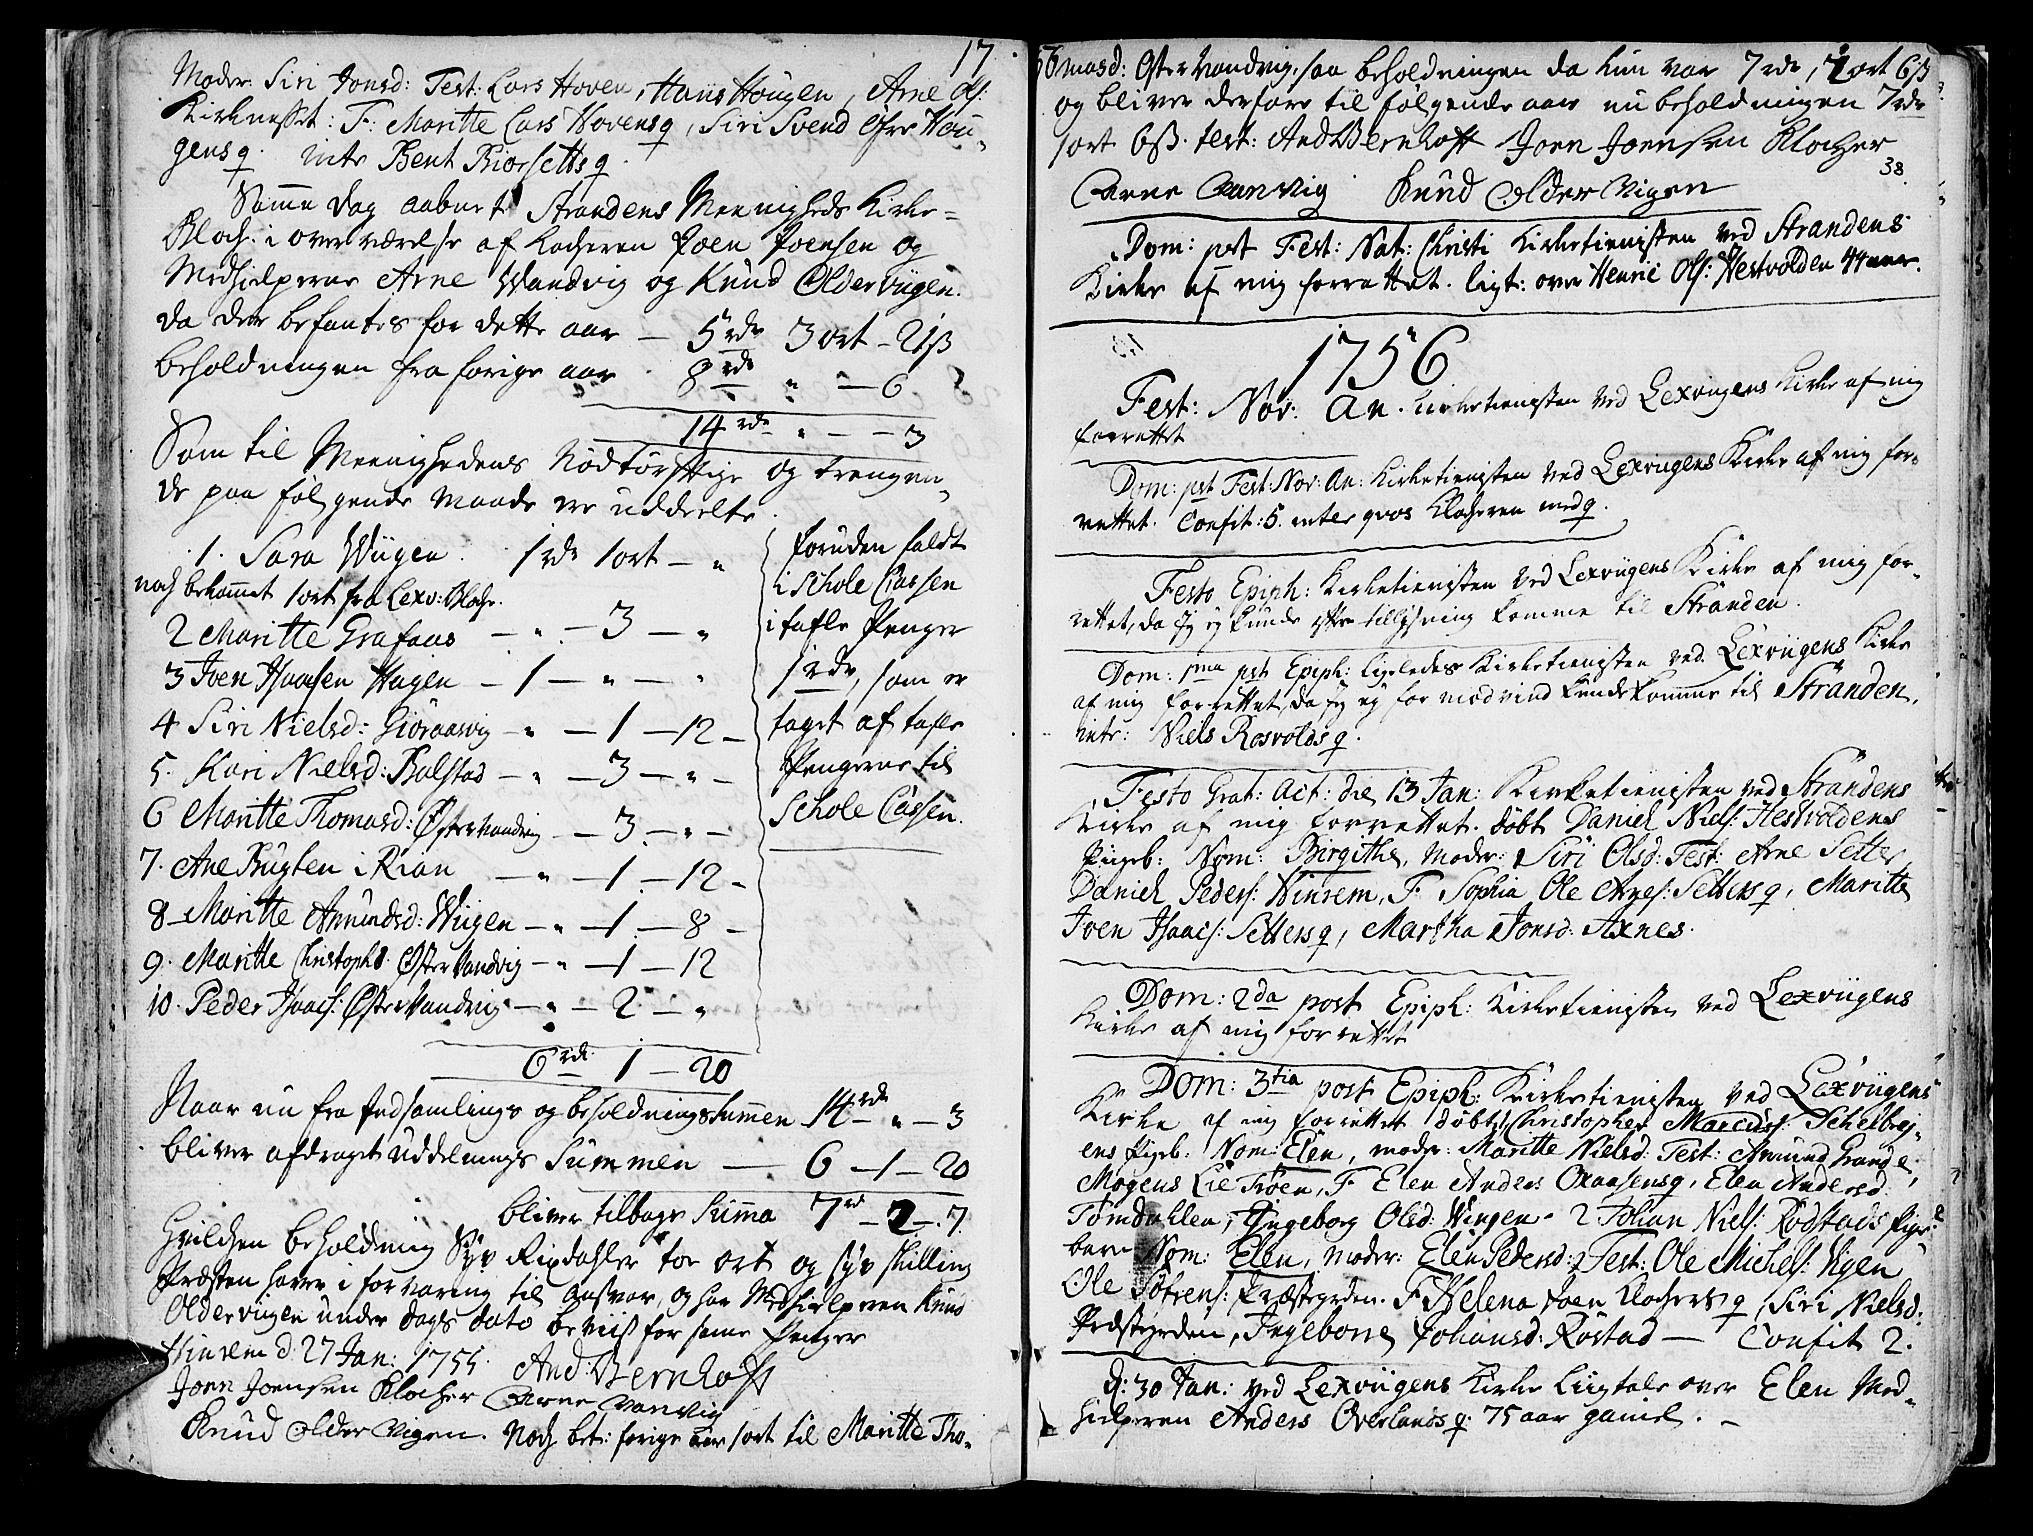 SAT, Ministerialprotokoller, klokkerbøker og fødselsregistre - Nord-Trøndelag, 701/L0003: Ministerialbok nr. 701A03, 1751-1783, s. 38